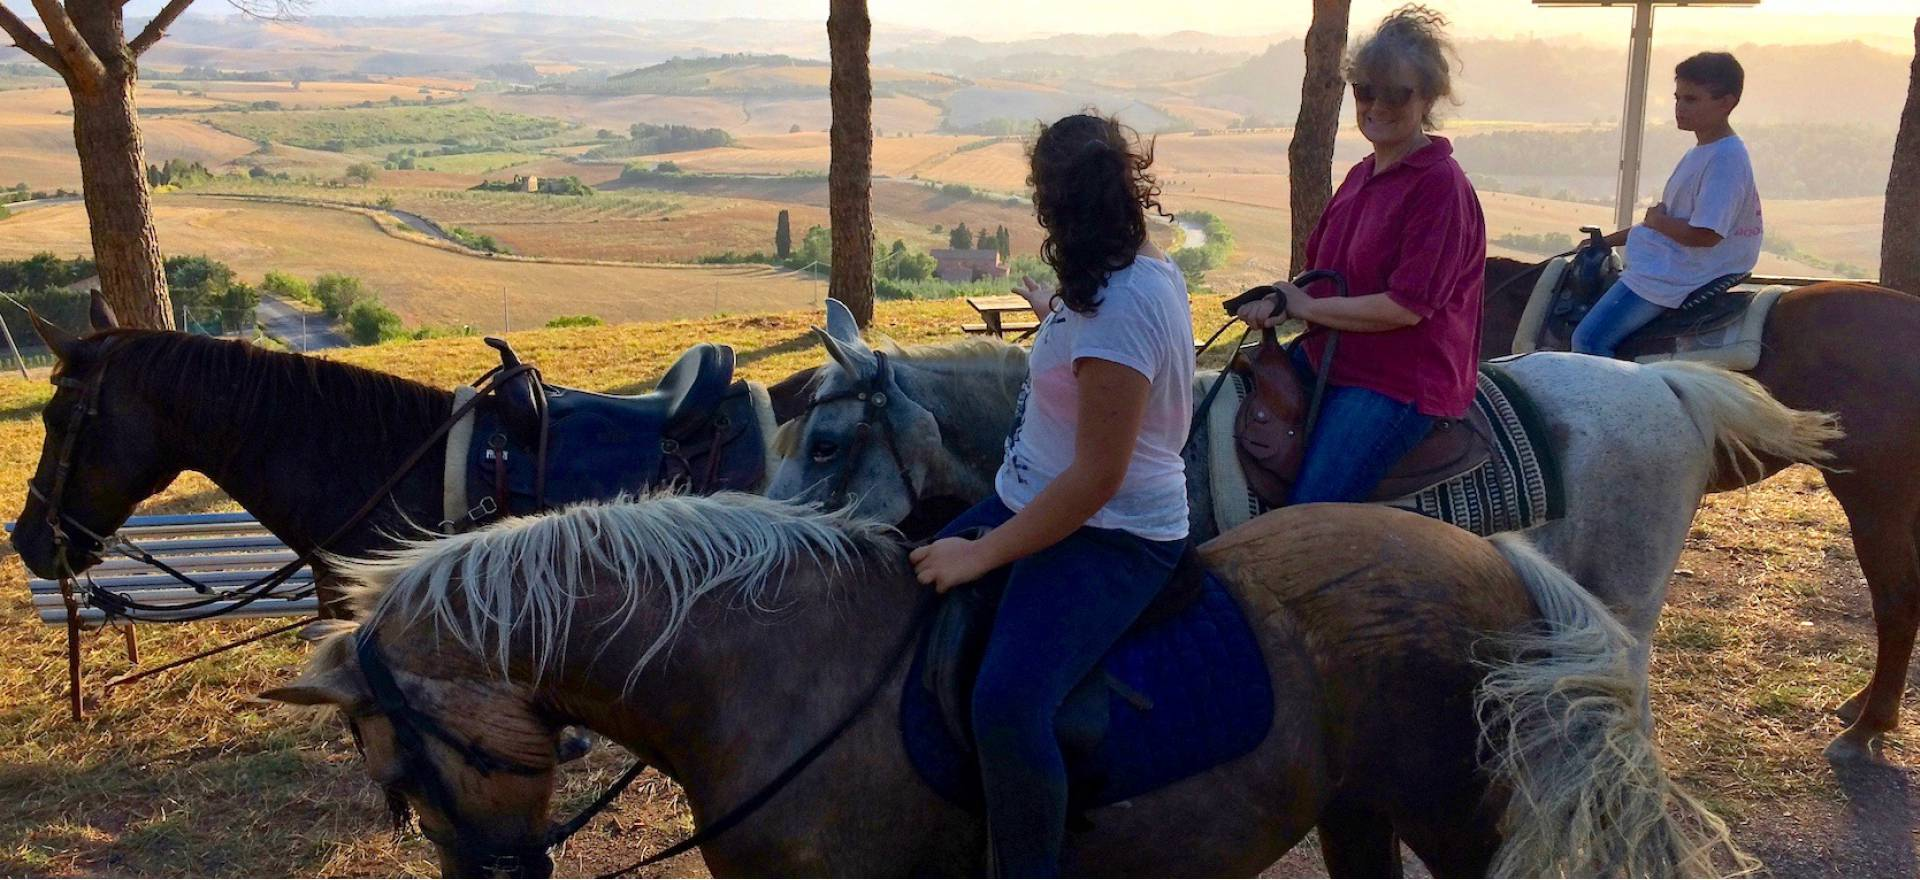 Agriturismo Toscane Gastvrije agriturismo met restaurant in Toscane